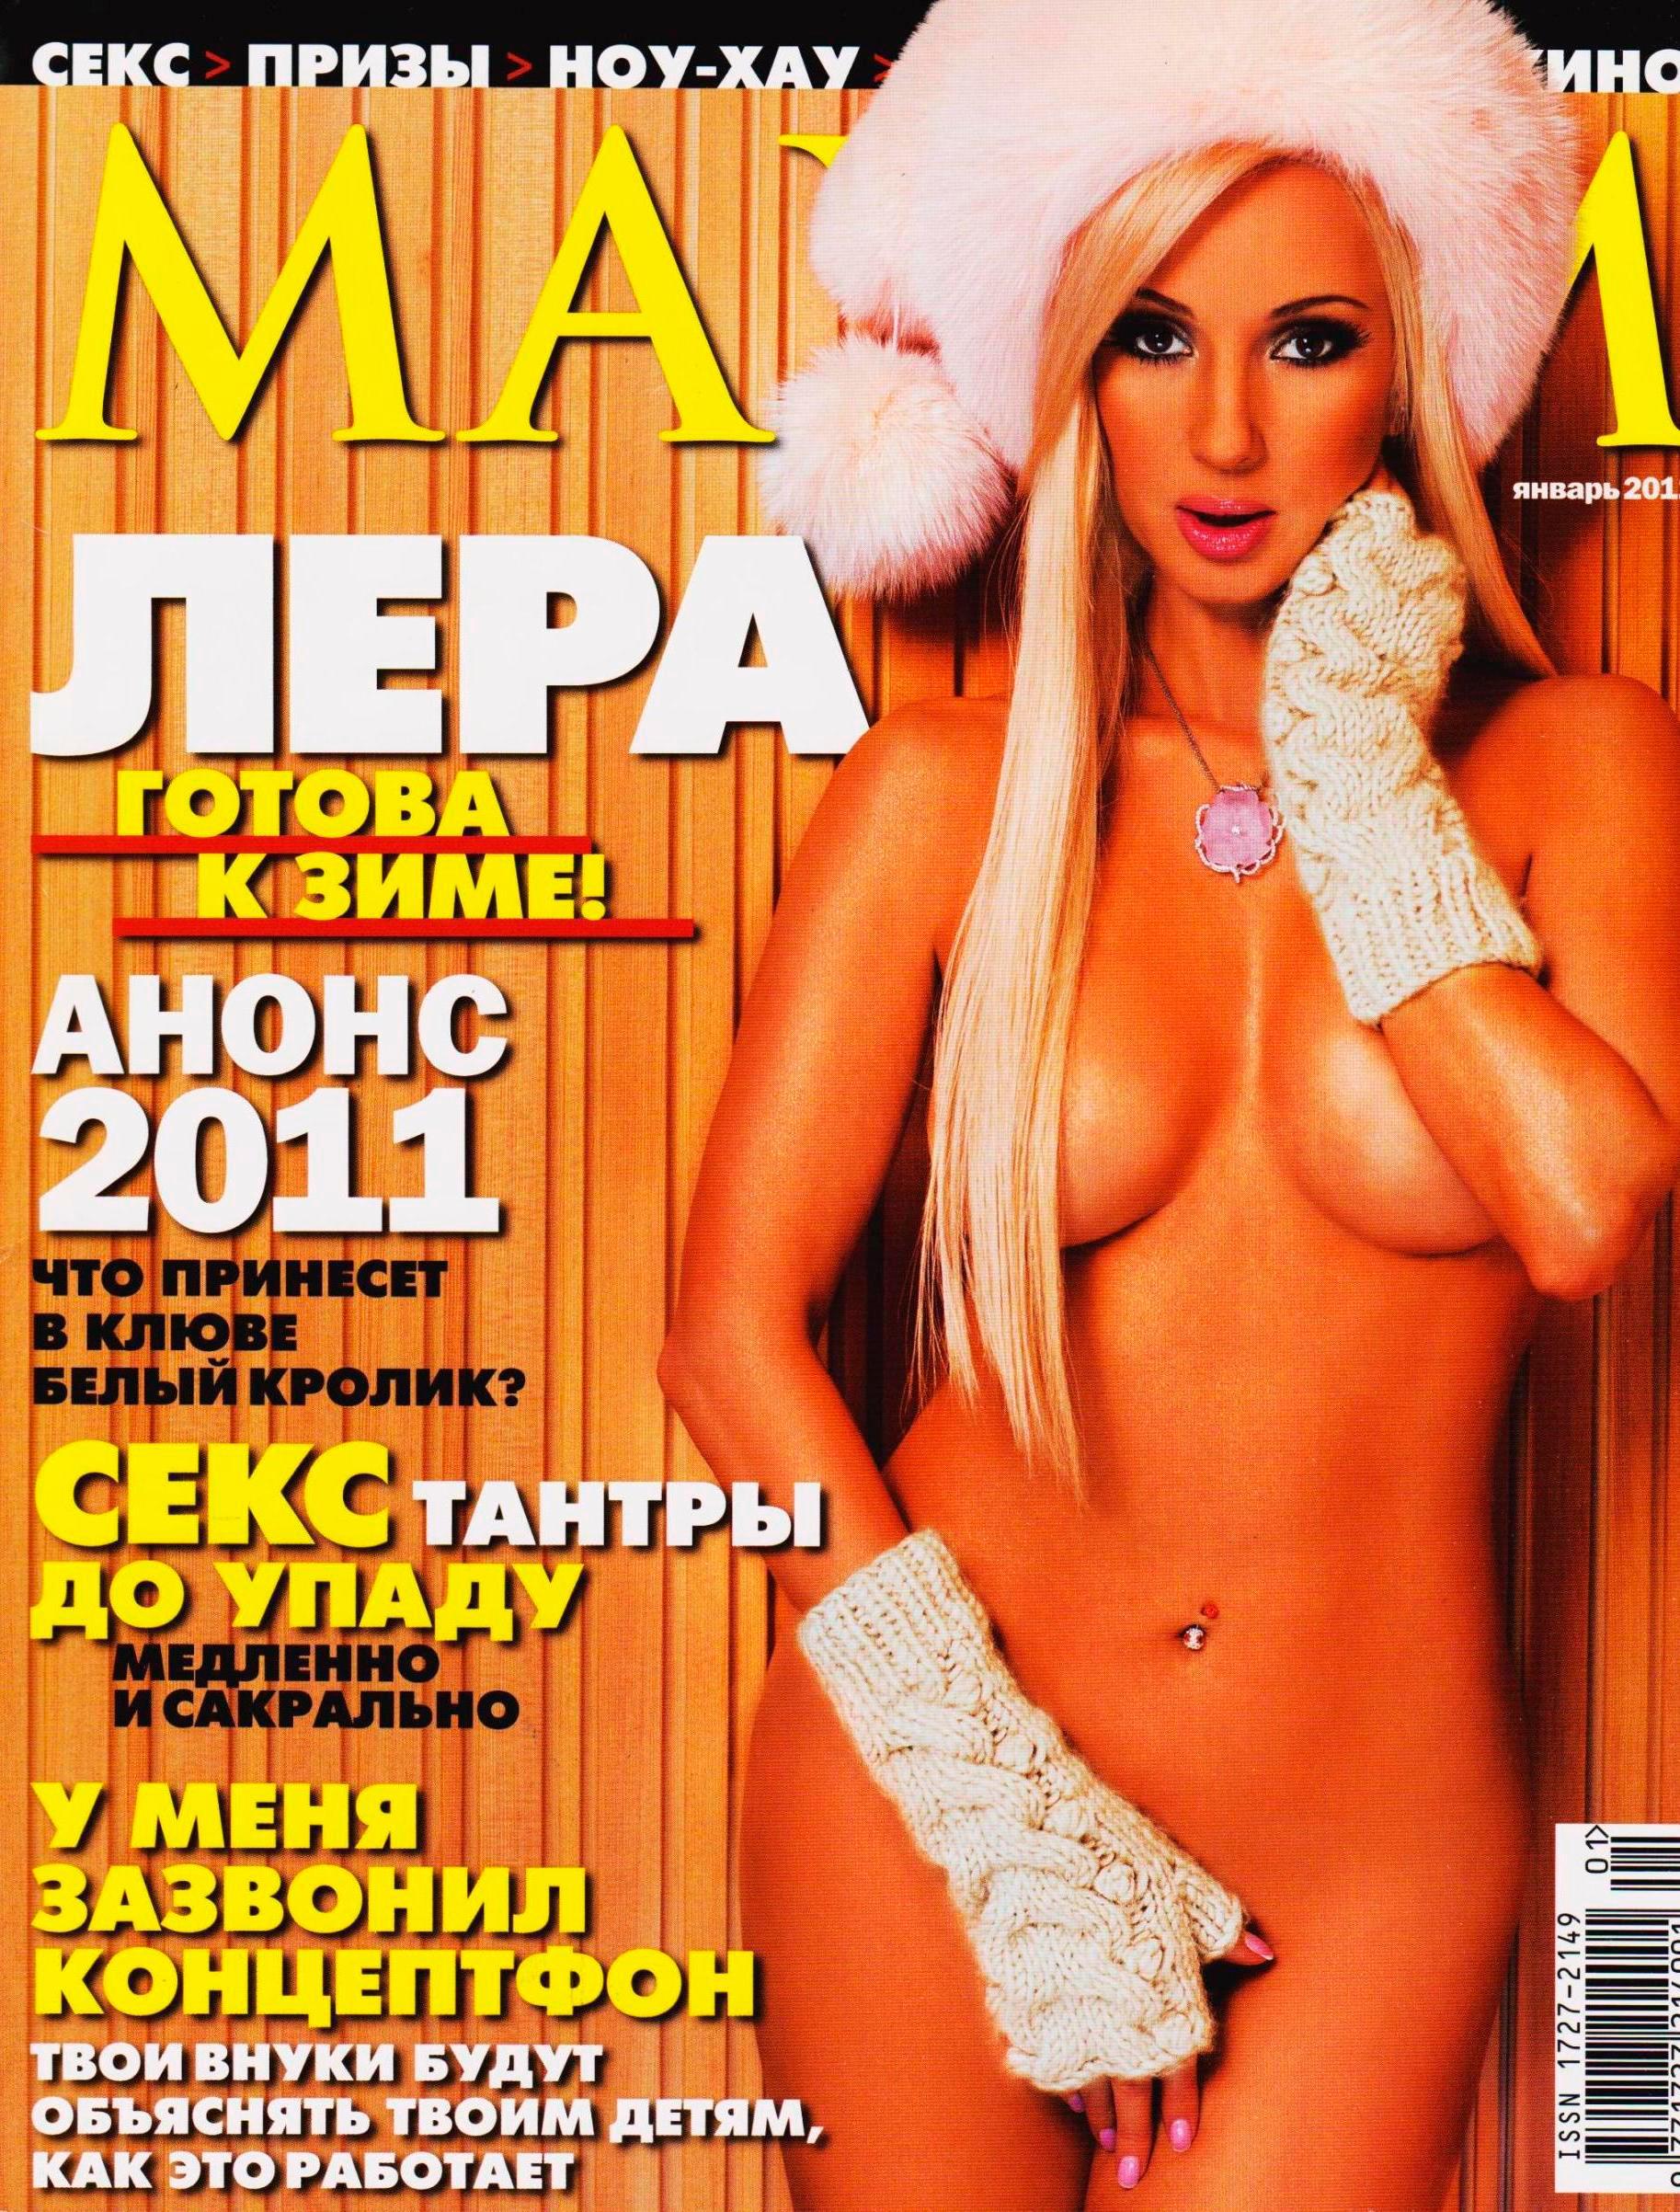 Борьбе это журнал голые груди вызову лыткарино